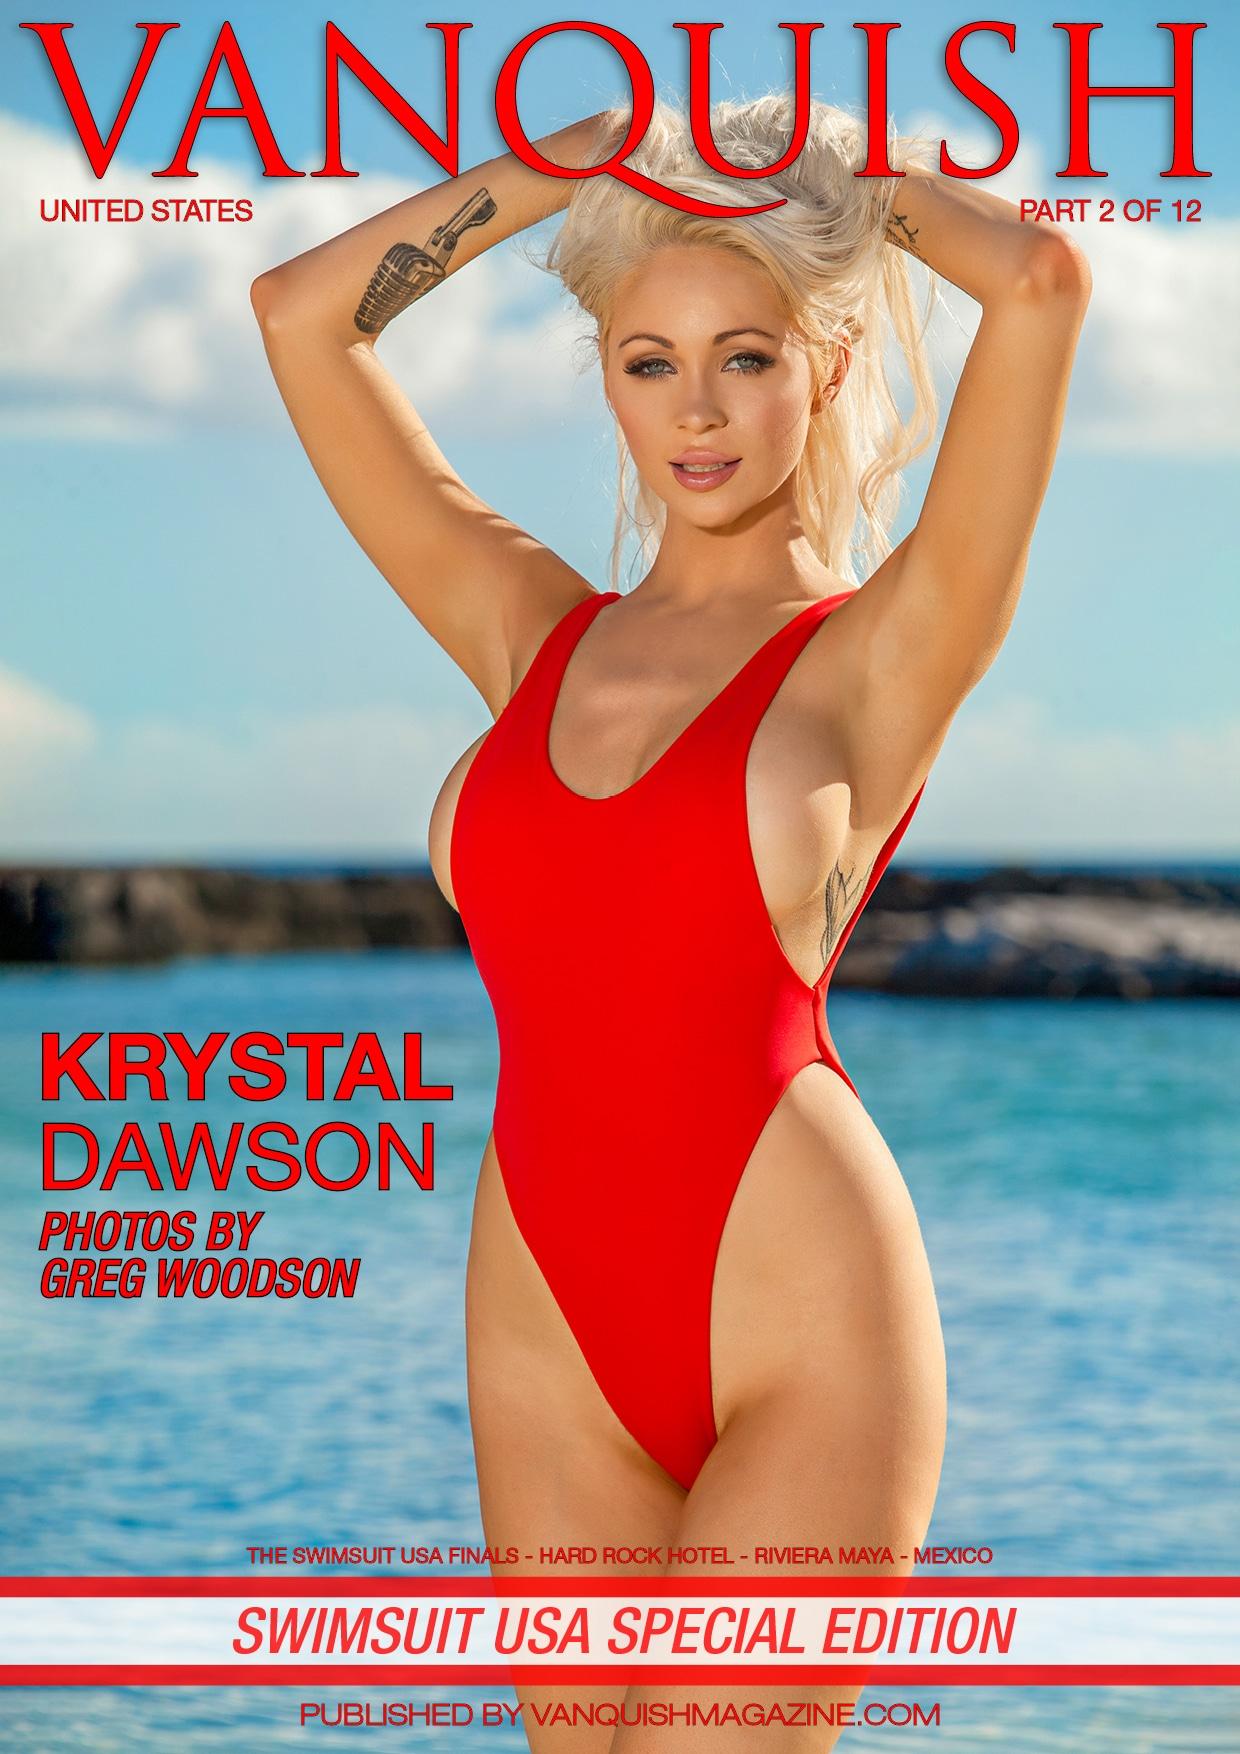 Vanquish Magazine - Swimsuit USA 2018 - Part 2 - Krystal Dawson